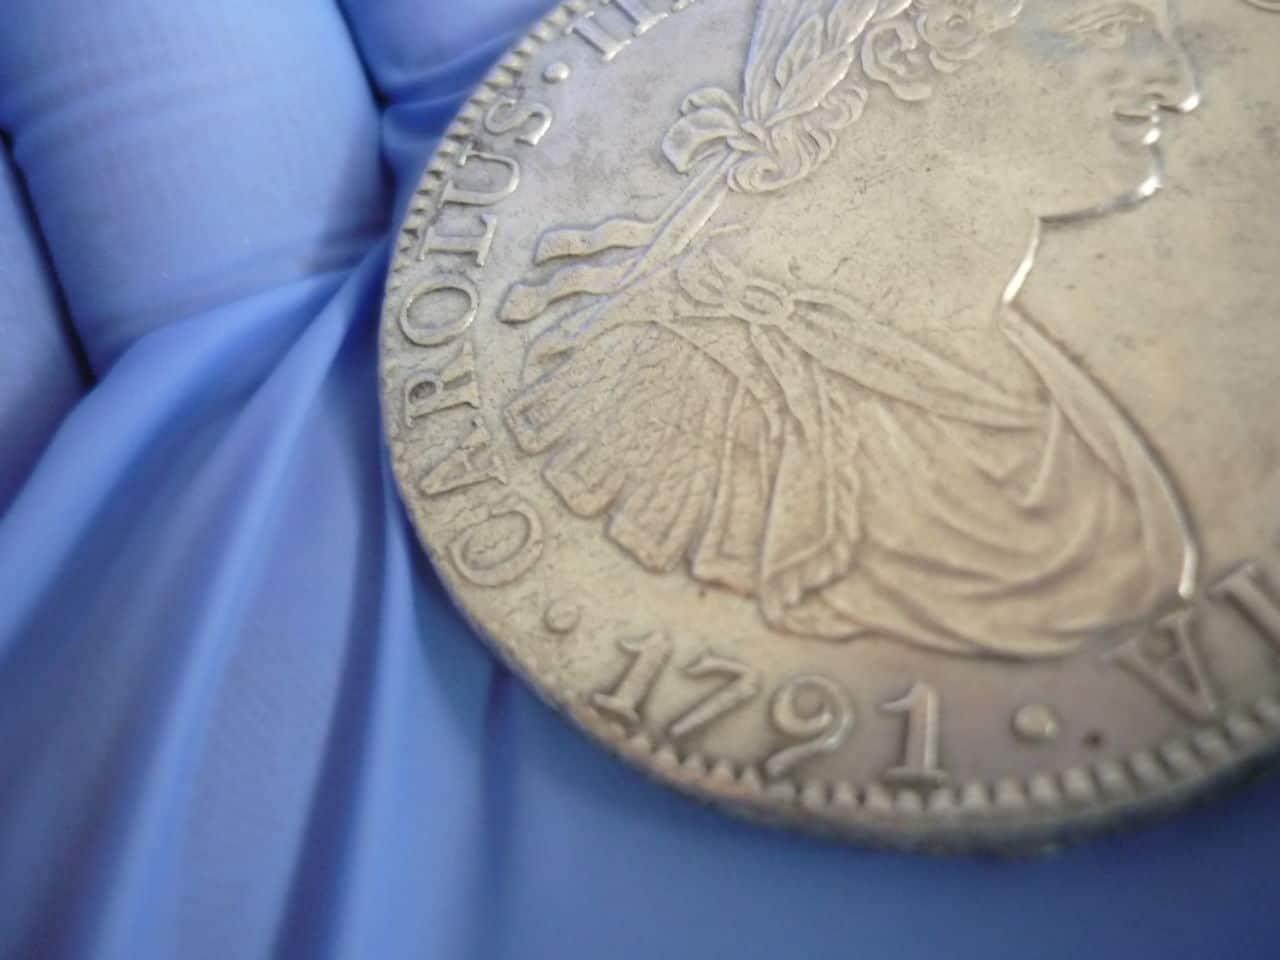 8 reales - CARLOS IIII - 1791 - Mejico FM P1040264